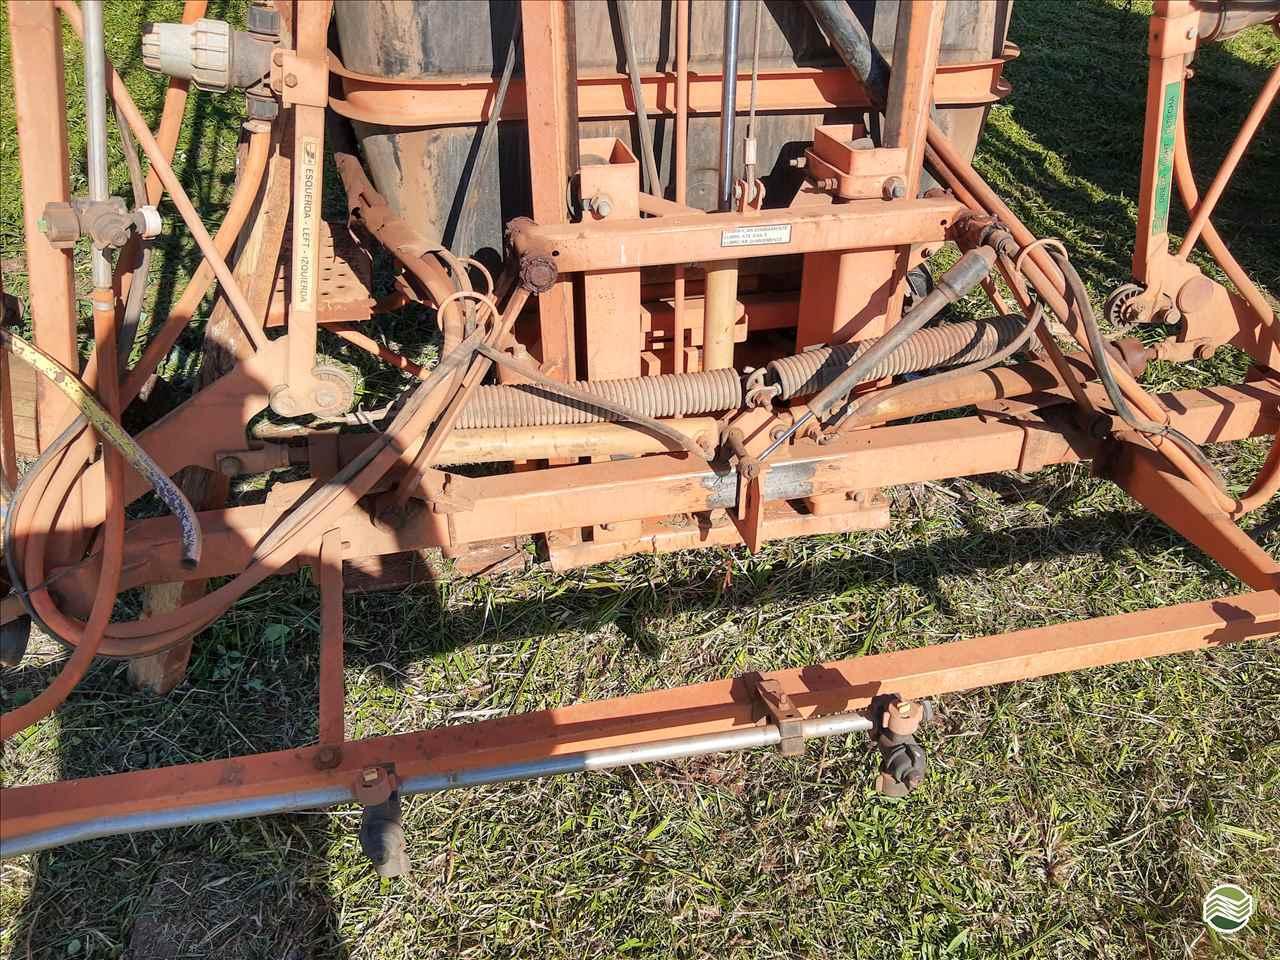 CONDOR 600 AM14 de Trevo Máquinas e Peças - Kuhn - TENENTE PORTELA/RS